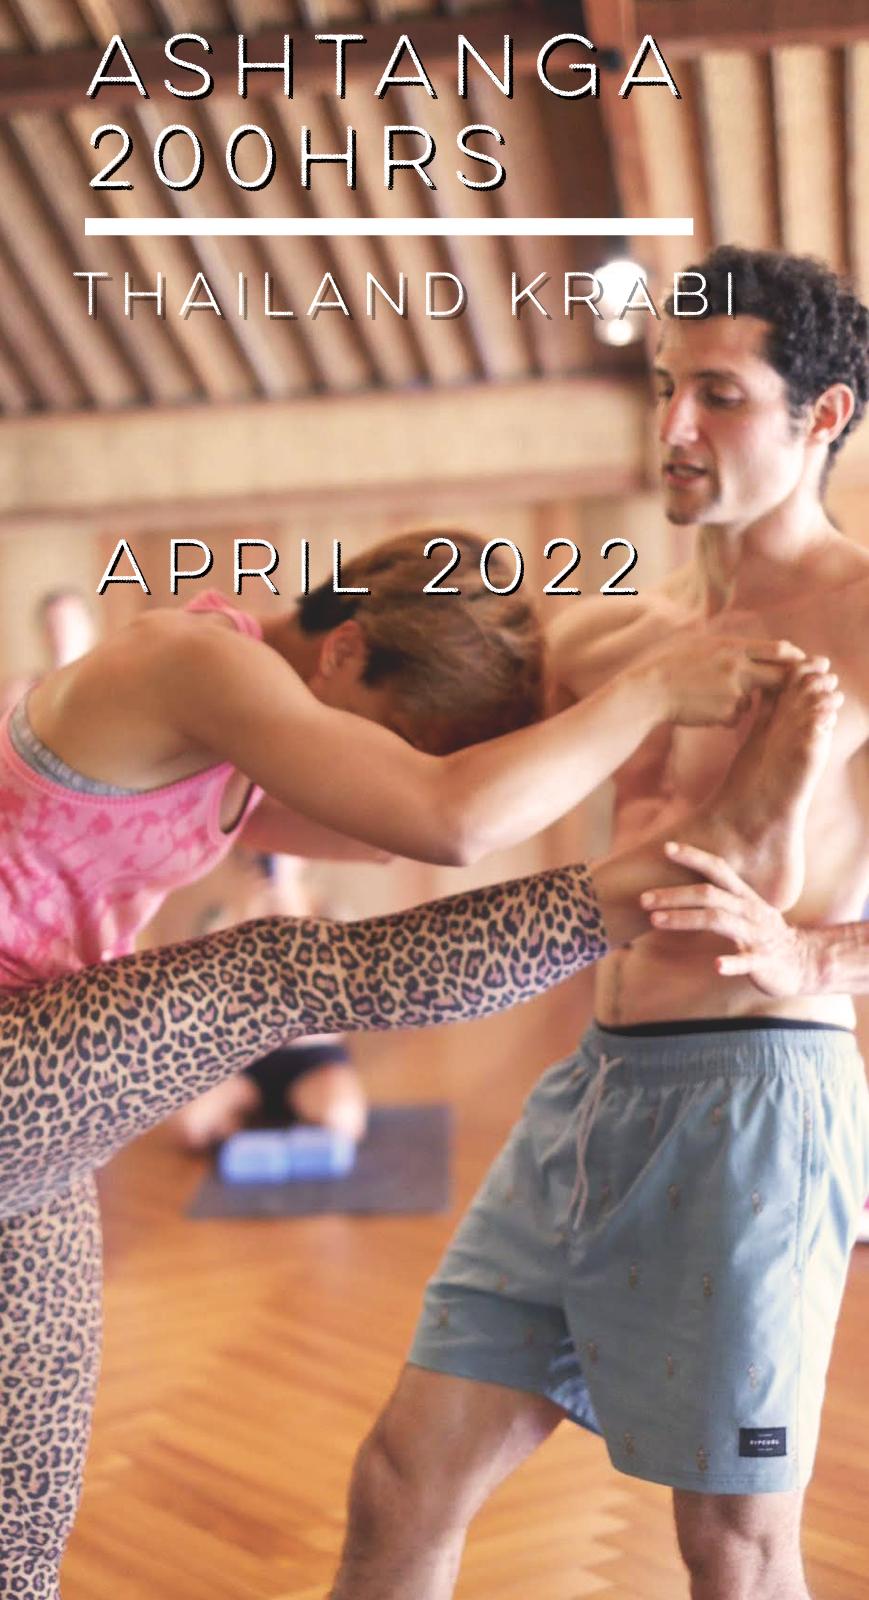 Ashtanga 200Hrs Thailand April 2022